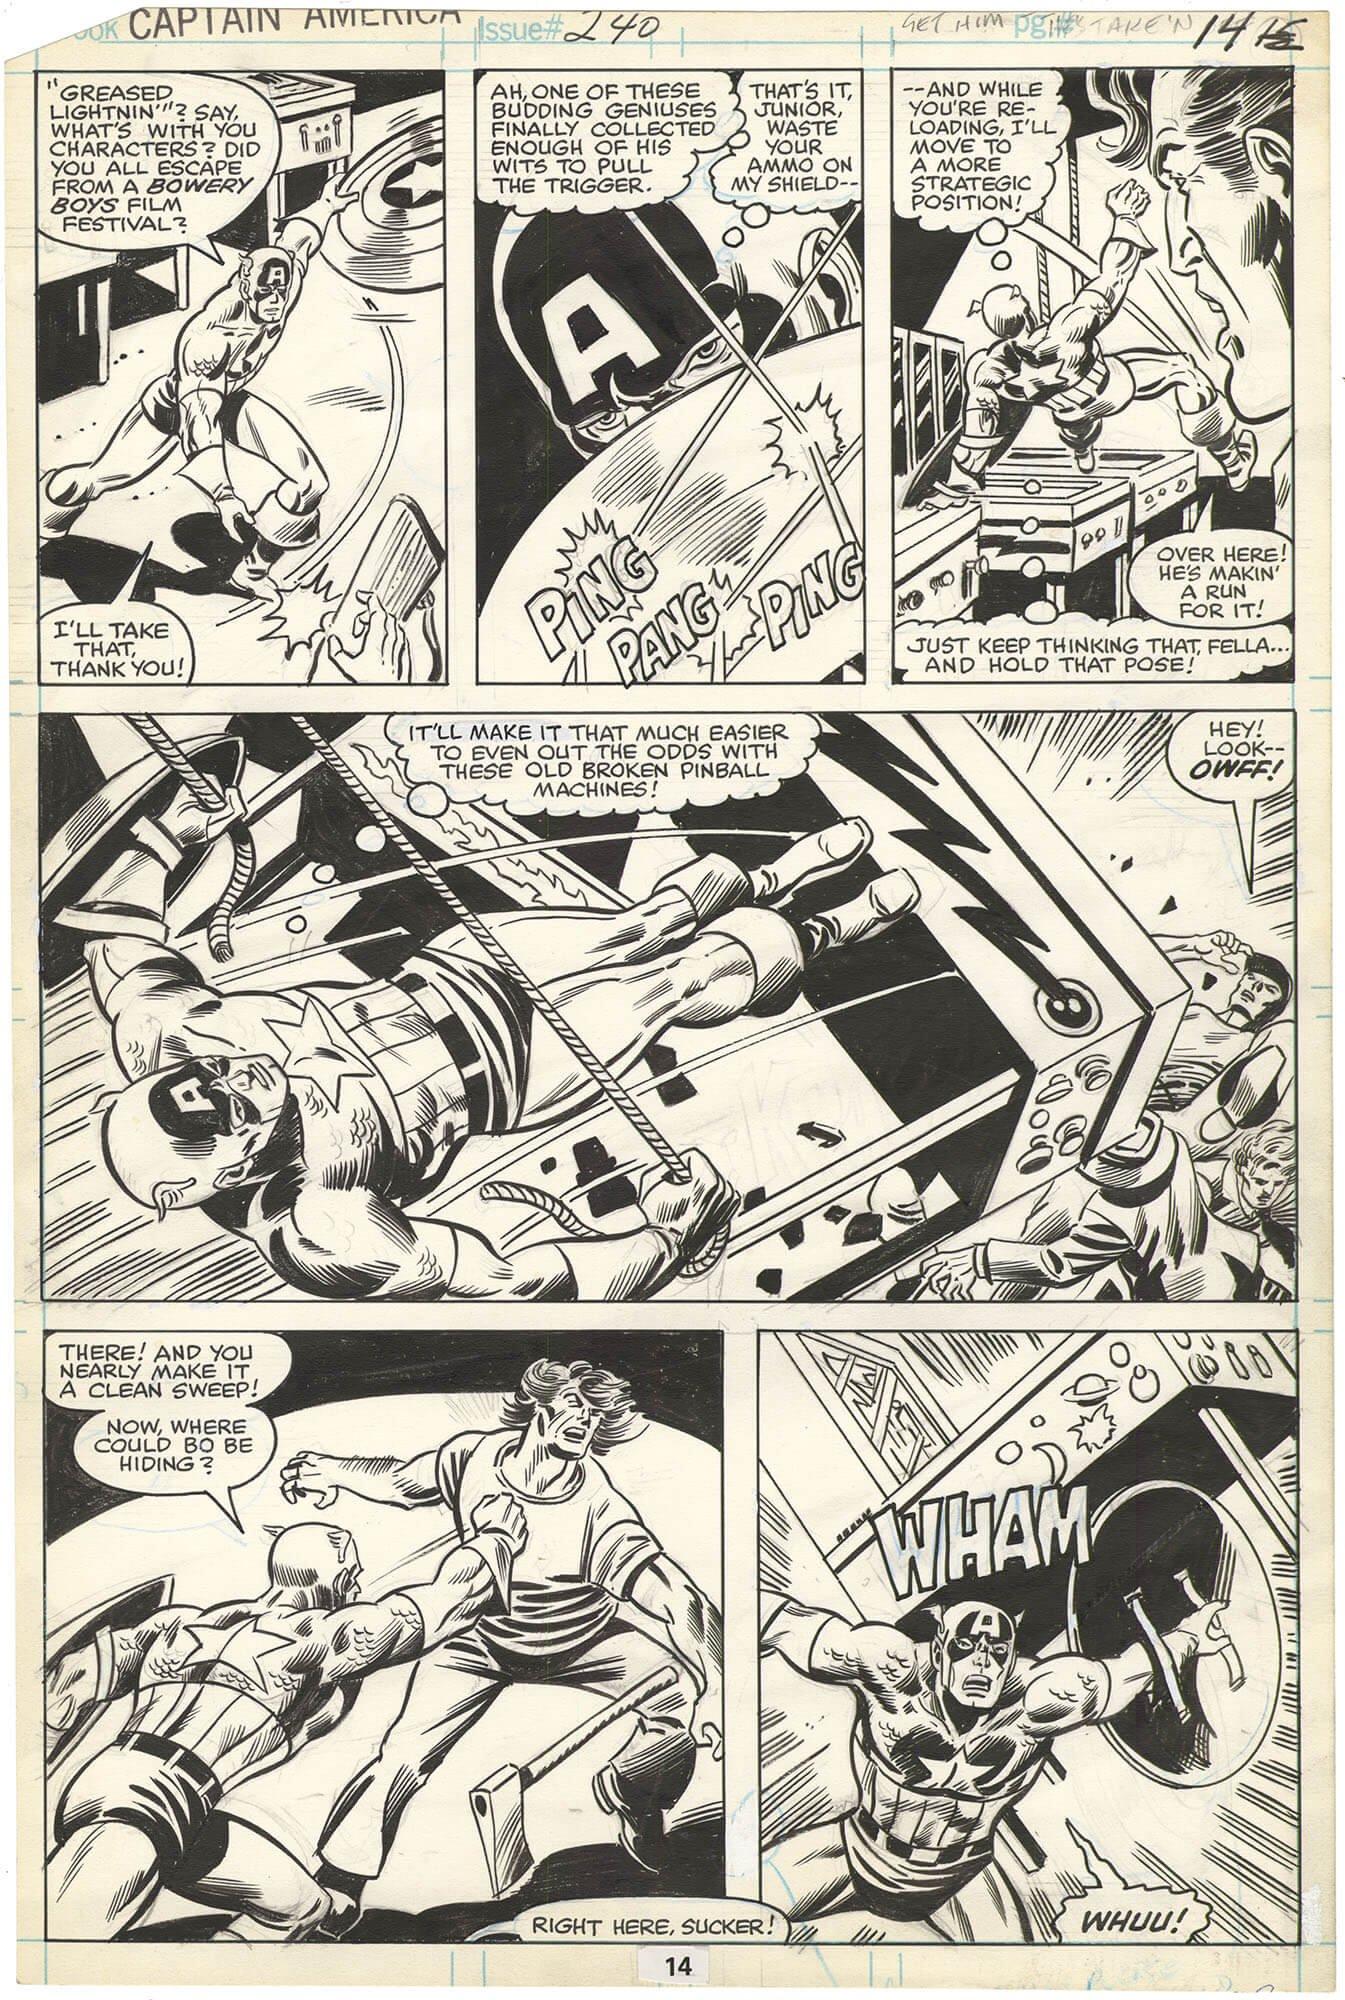 Captain America #240 p14